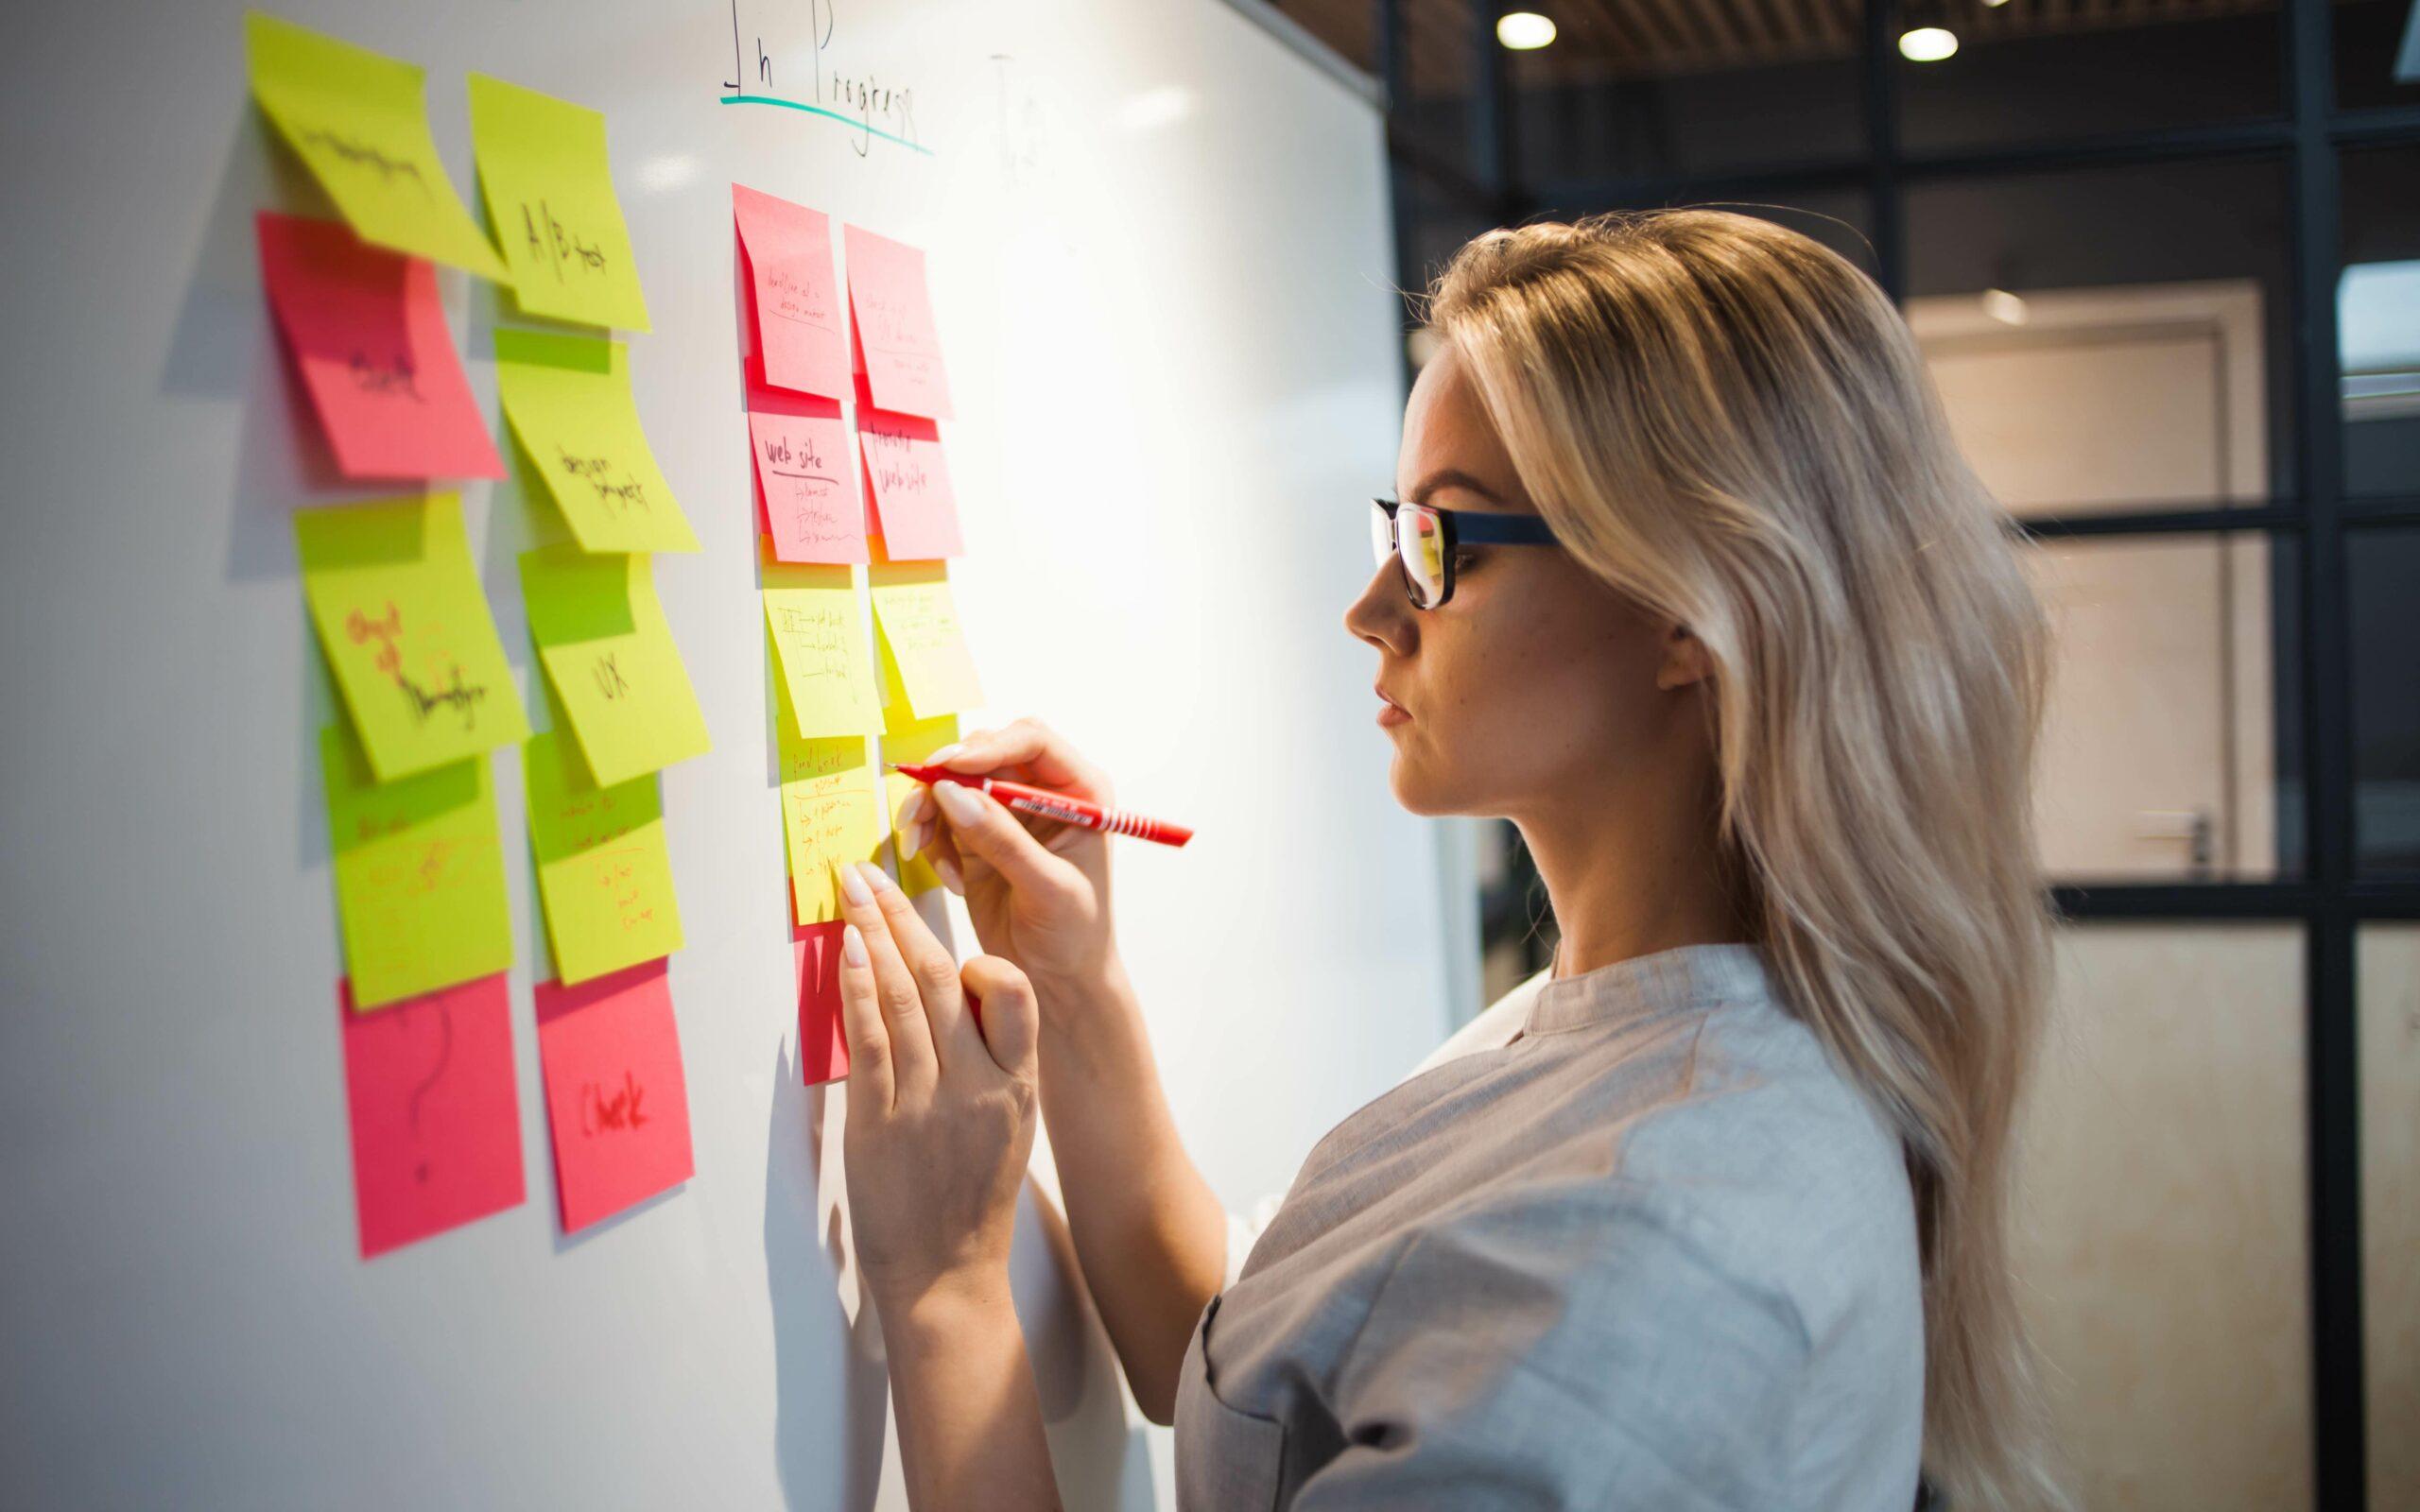 Mulher organizando processos e tarefas em post-its colados na parede.